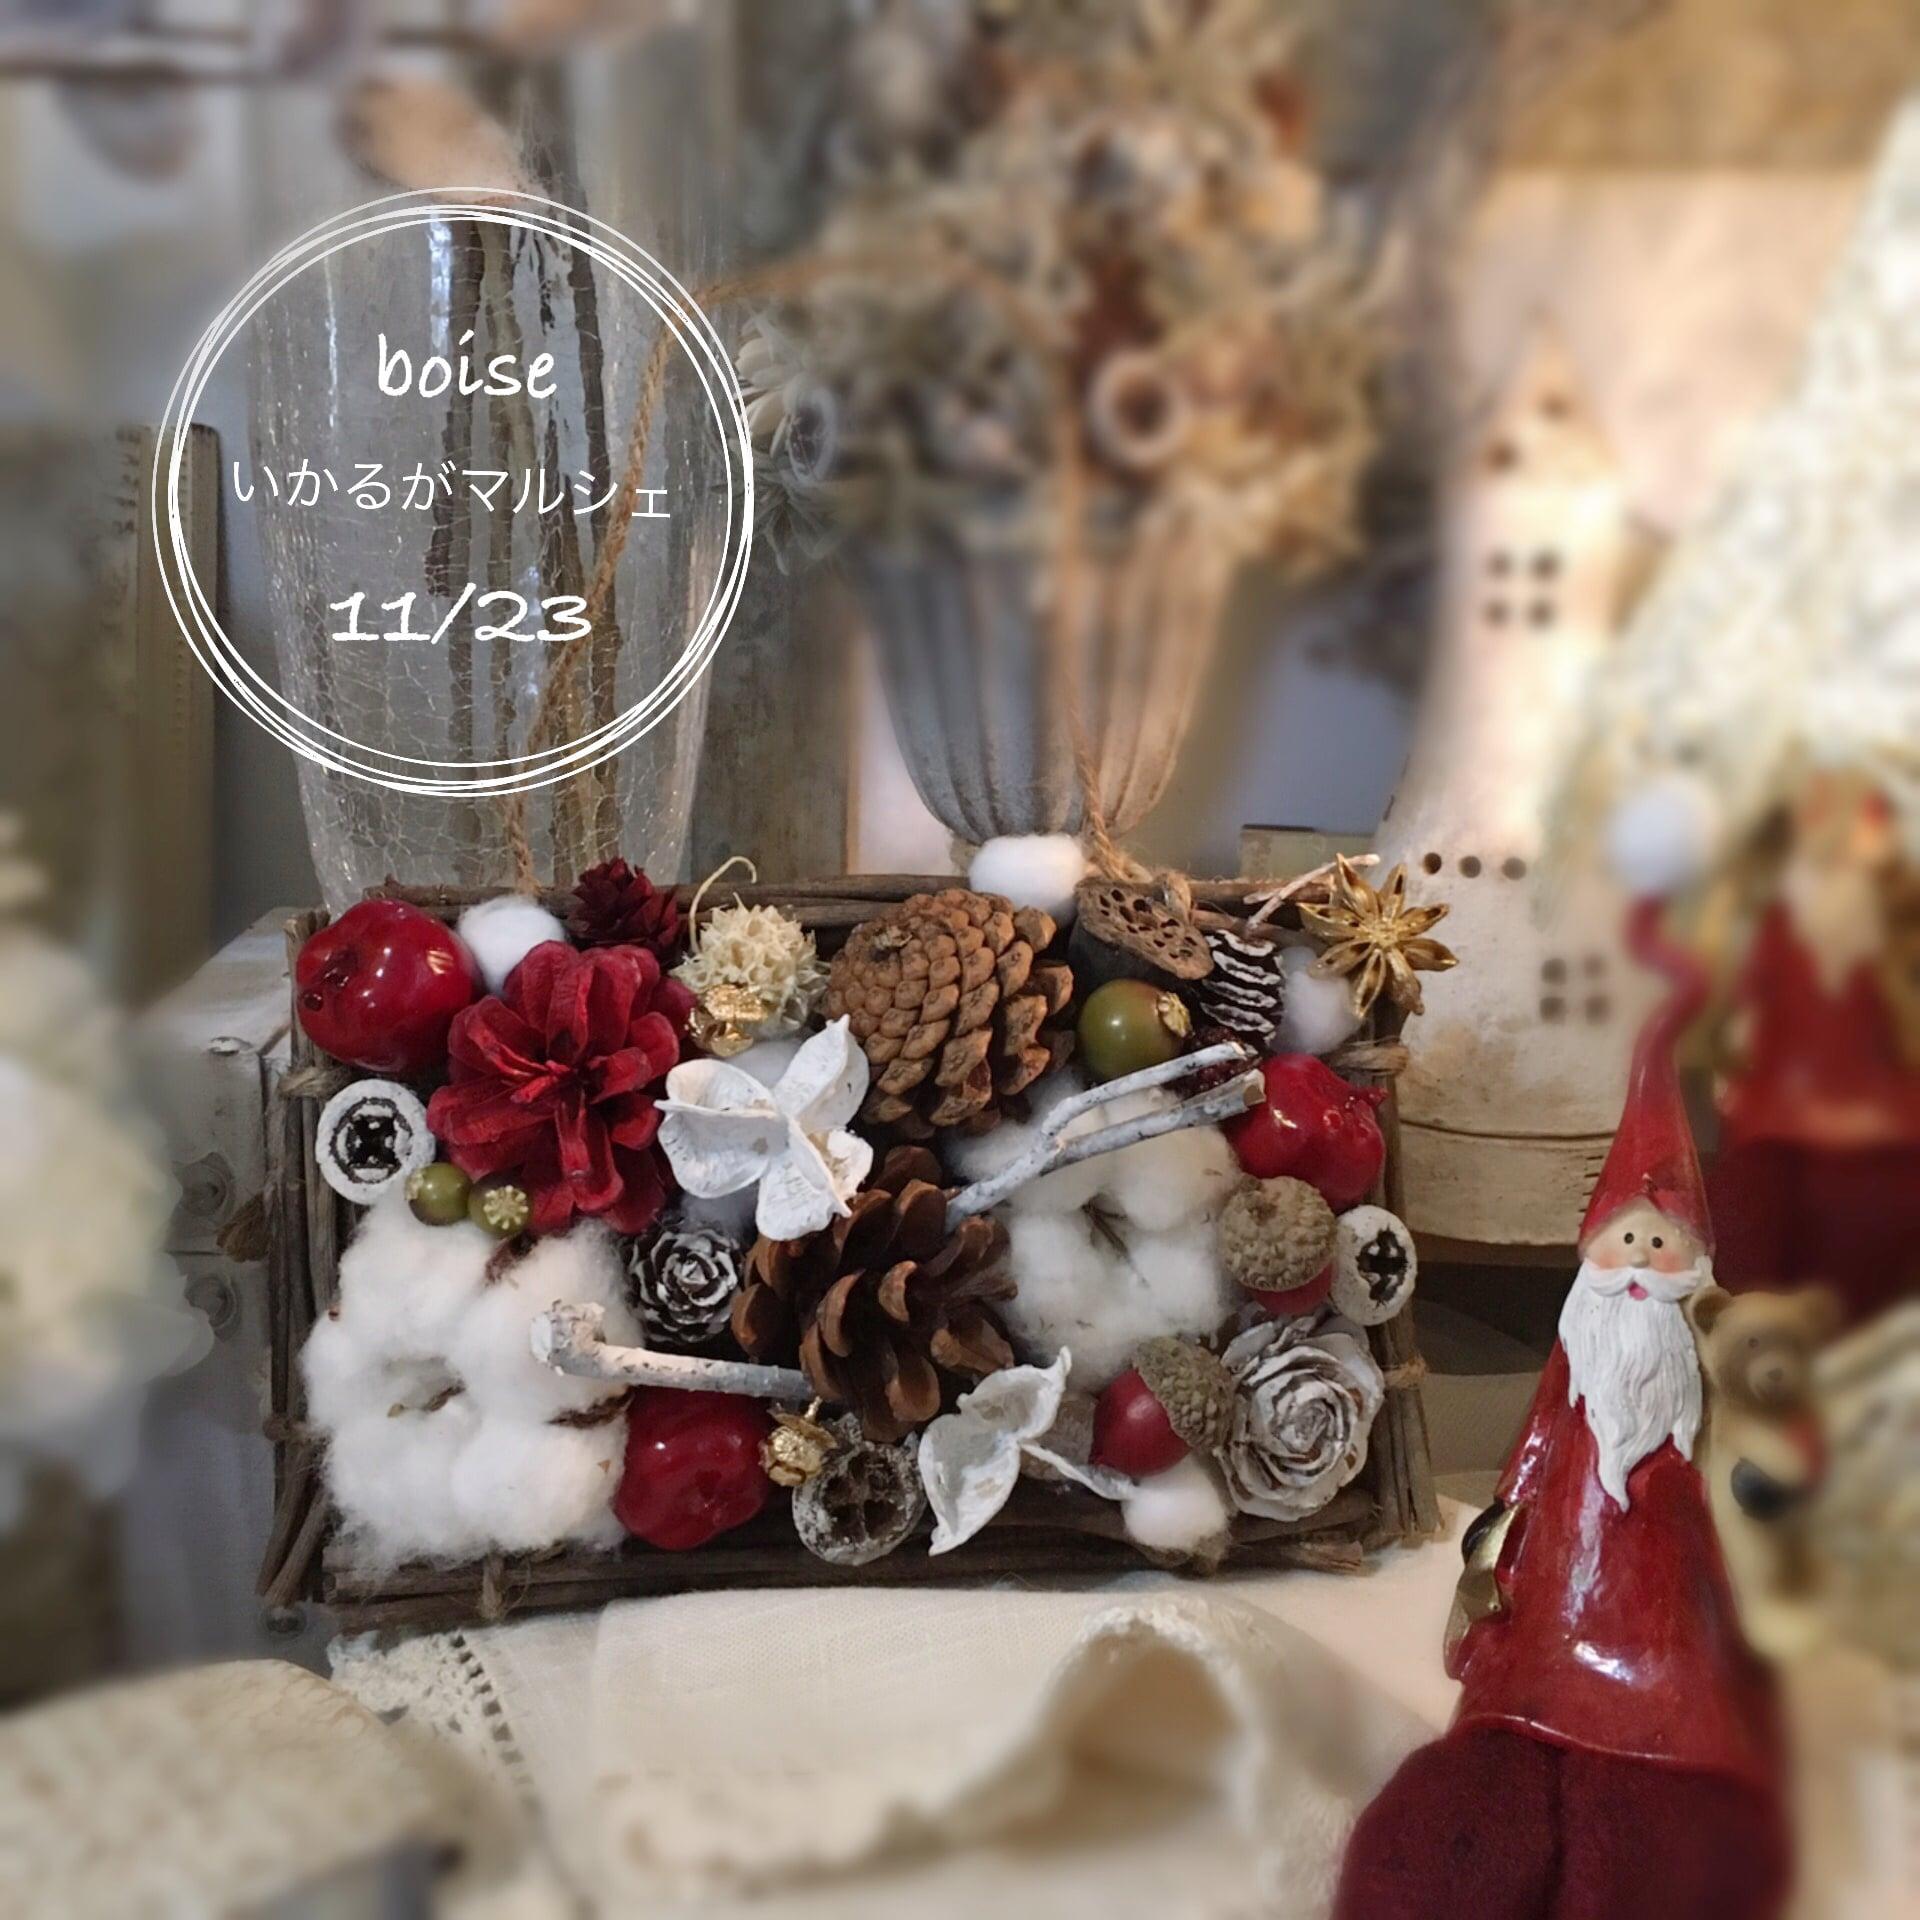 【赤系】 木の実のクリスマスボード boise'sChristmas WS いかるがマルシェのイメージその1